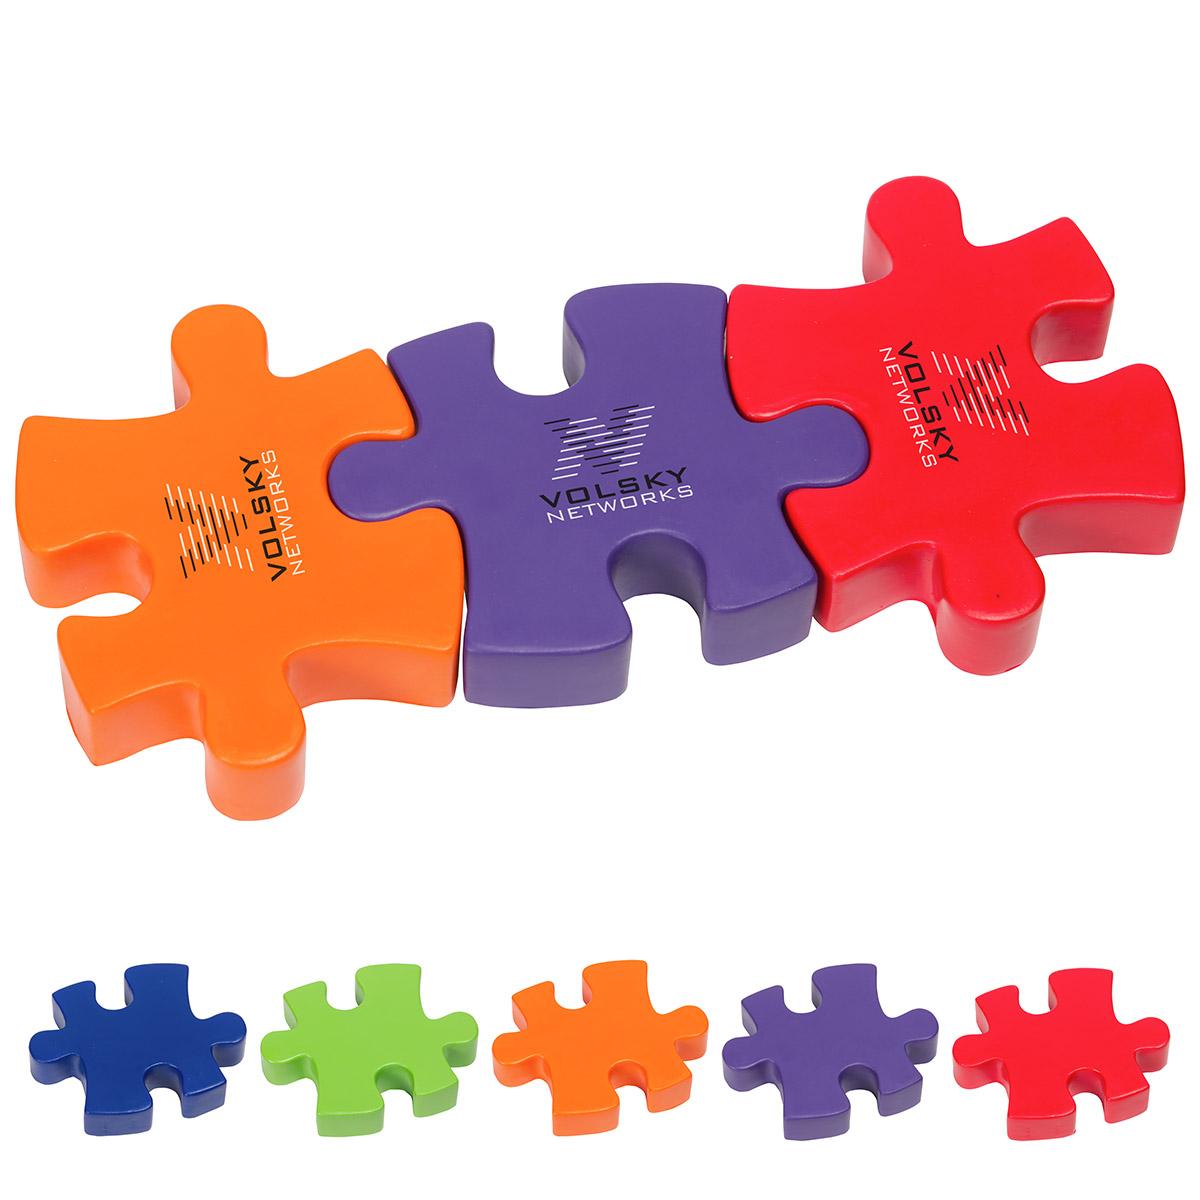 3-Piece Connecting Puzzle Set Stress Reliever, LGS-3P17, 1 Colour Imprint